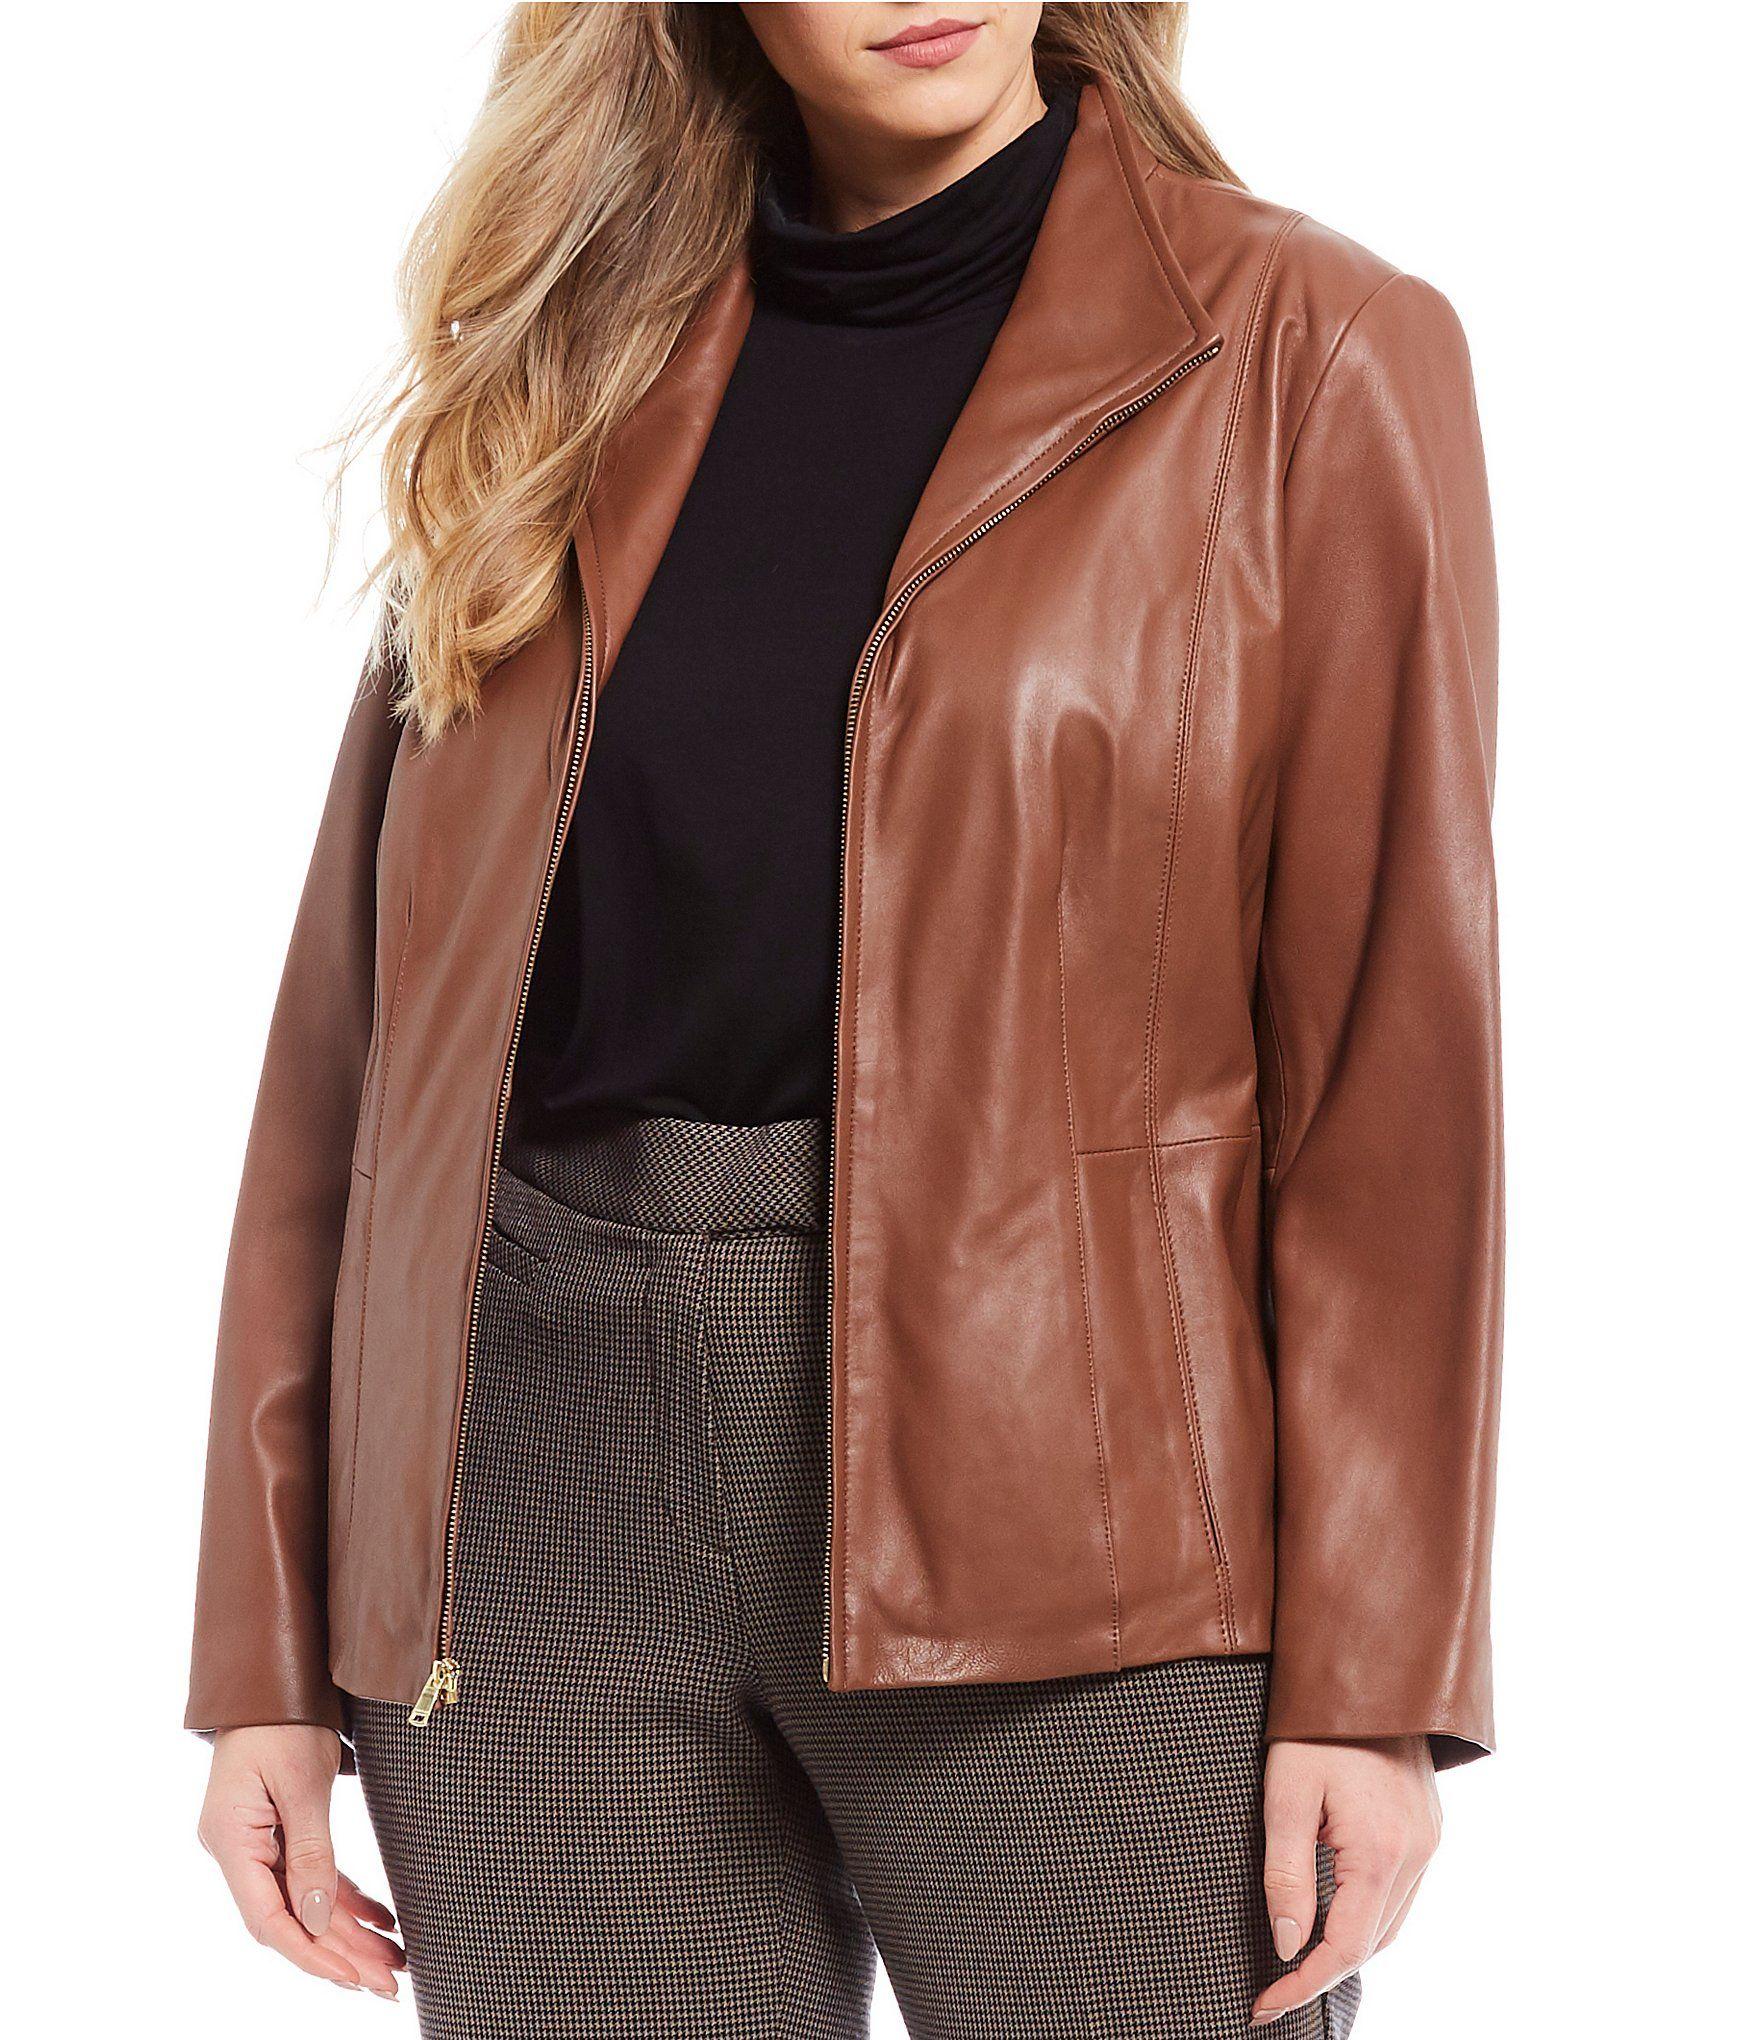 Cole Haan Plus Size Genuine Lambskin Leather Fitted Jacket Dillards In 2020 Workout Jacket Lambskin Leather Lambskin